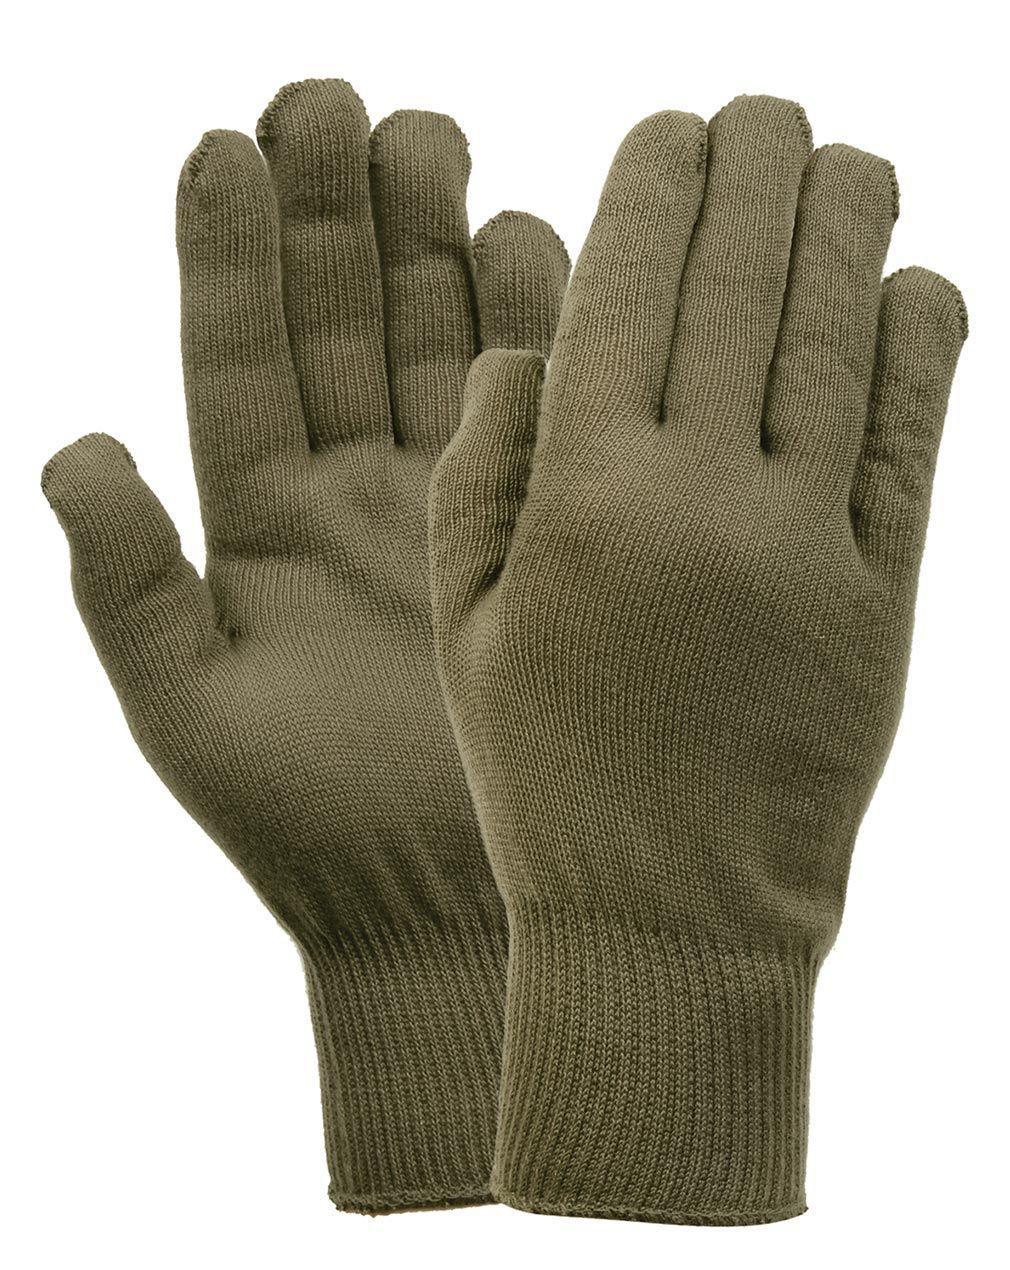 Image of   Rothco G.I. Polypropylene Handsker (Oliven, One Size)